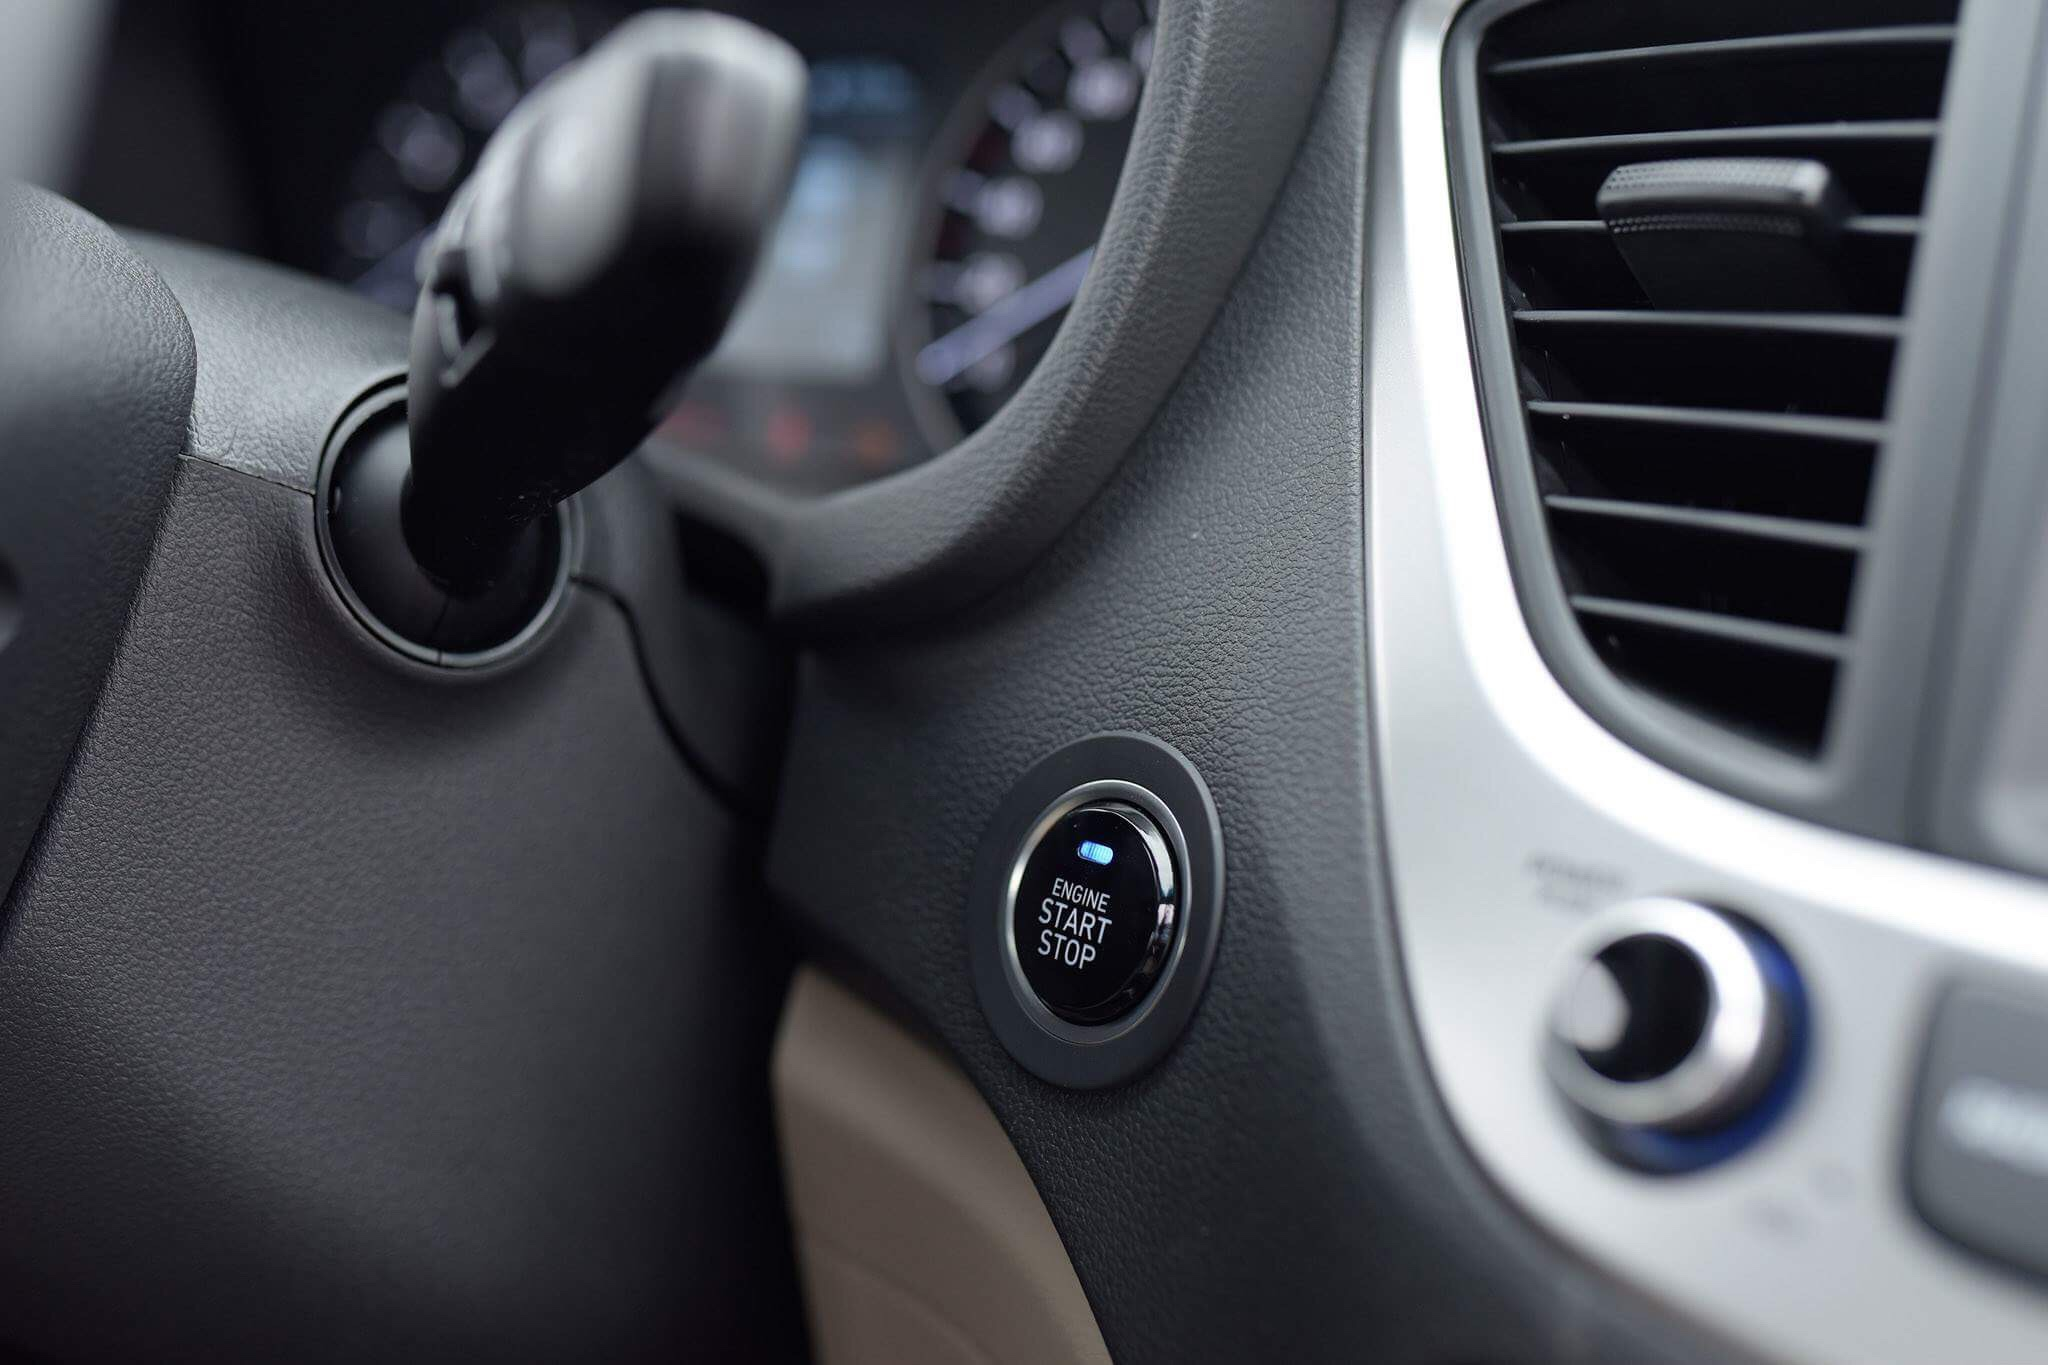 Hyundai accent anh 32 - Hyundai Accent mới: giá xe và khuyến mãi tháng [hienthithang]/[hienthinam]